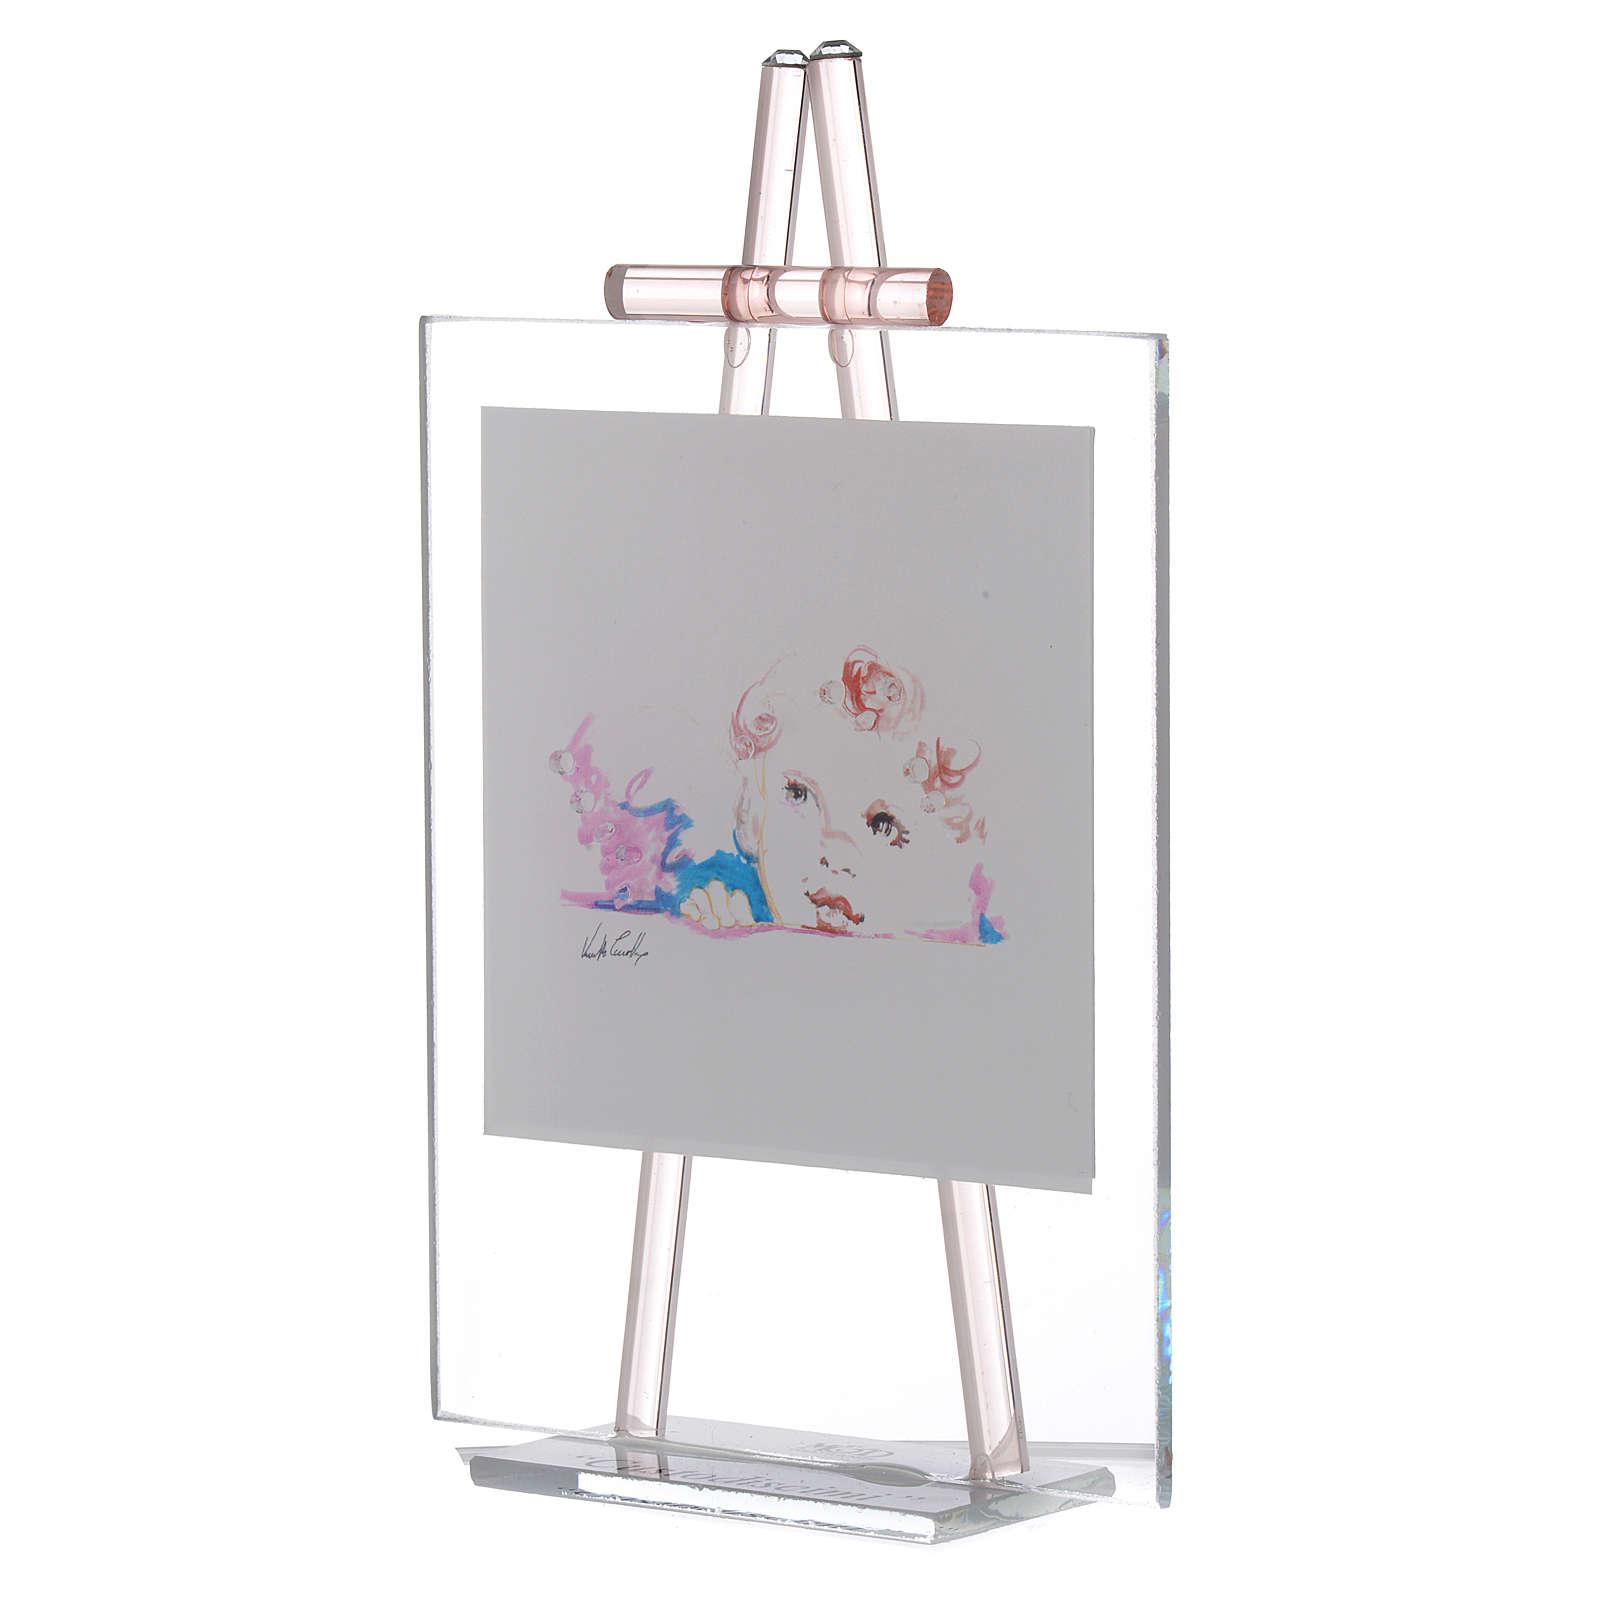 cadre poser en verre 39 custodiscimi 39 11x14 cm rose vente en ligne sur holyart. Black Bedroom Furniture Sets. Home Design Ideas